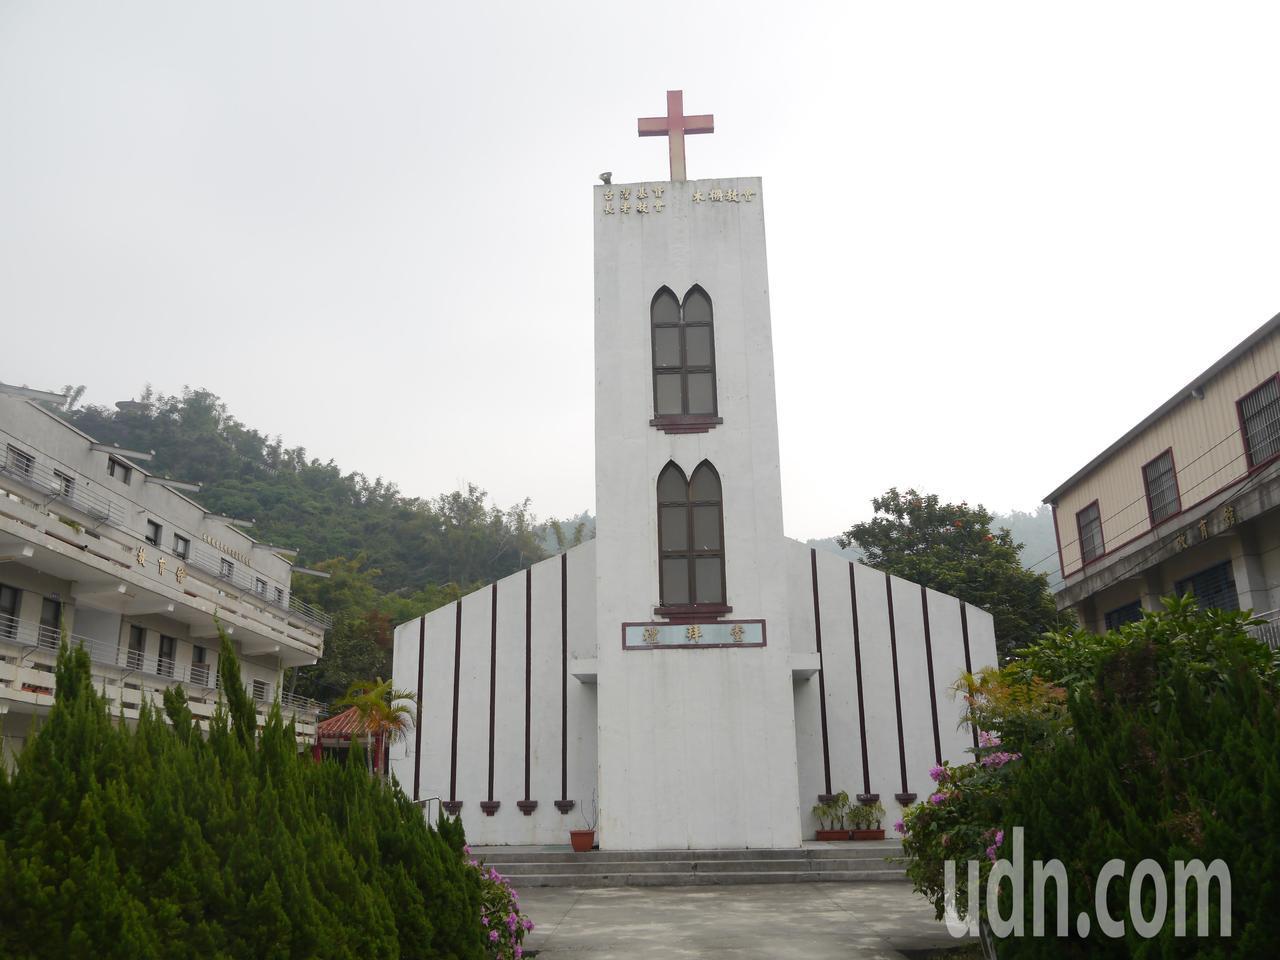 木柵教會歷史悠久,外型典雅的禮拜堂被稱為「山中的雪白老教堂」,明年初將拆除改建。...